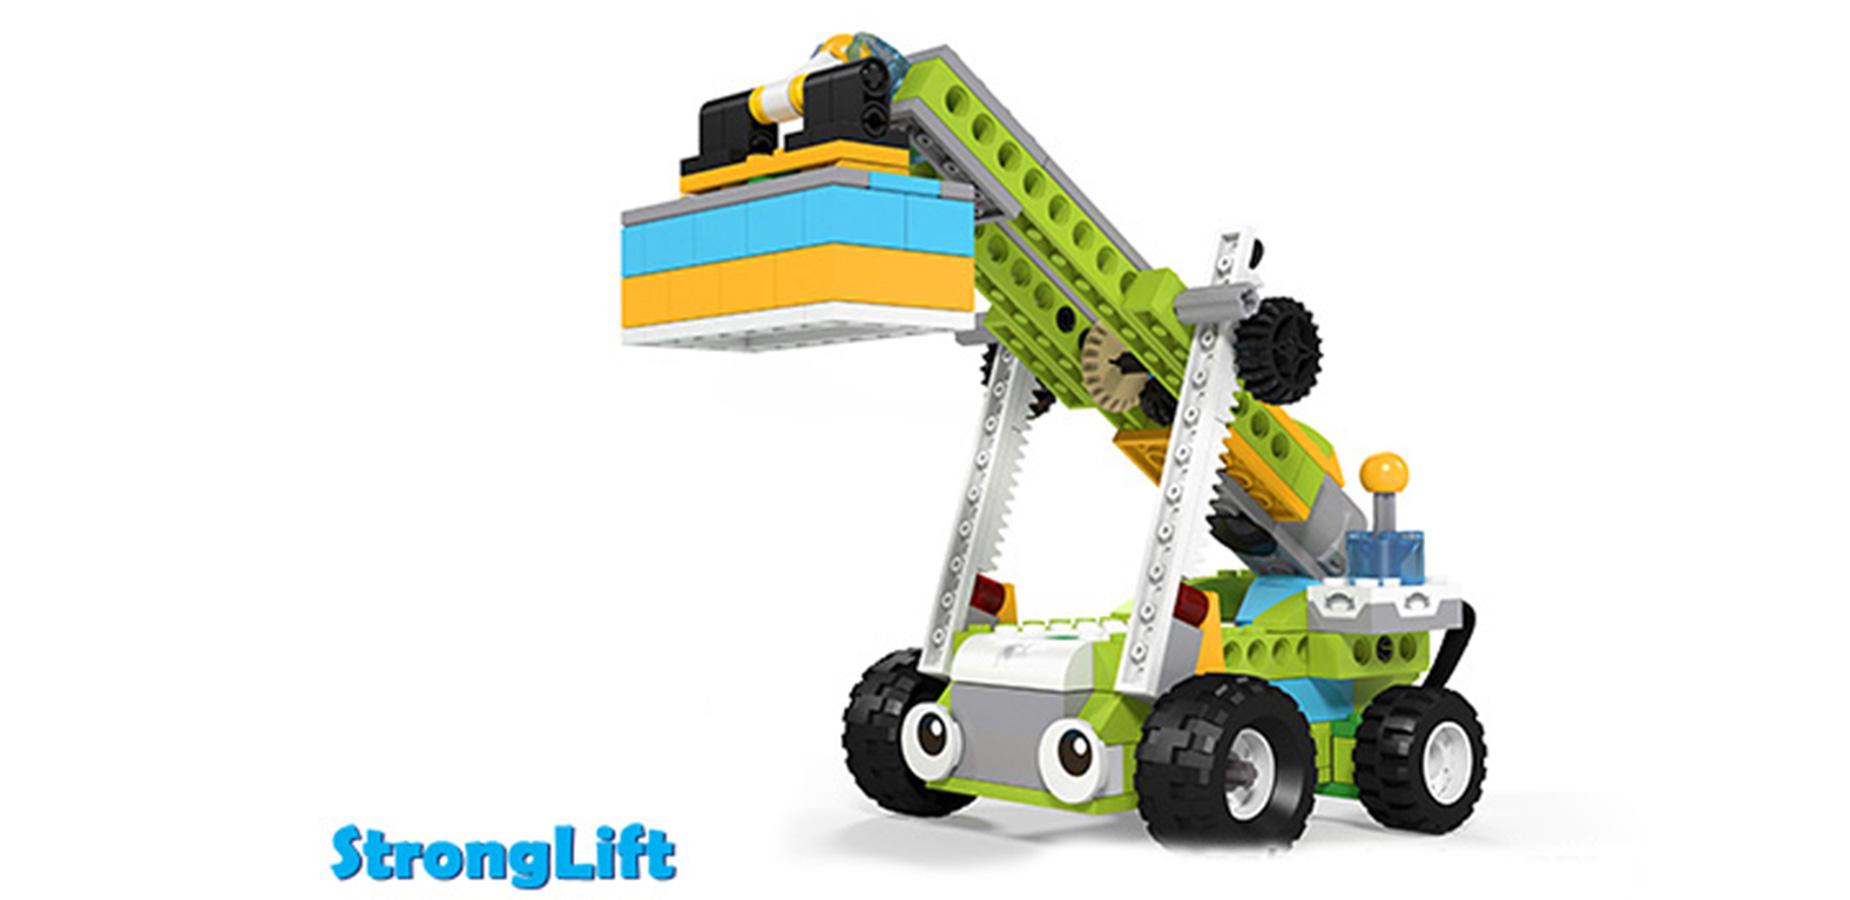 stronglift---slideshow4.jpg